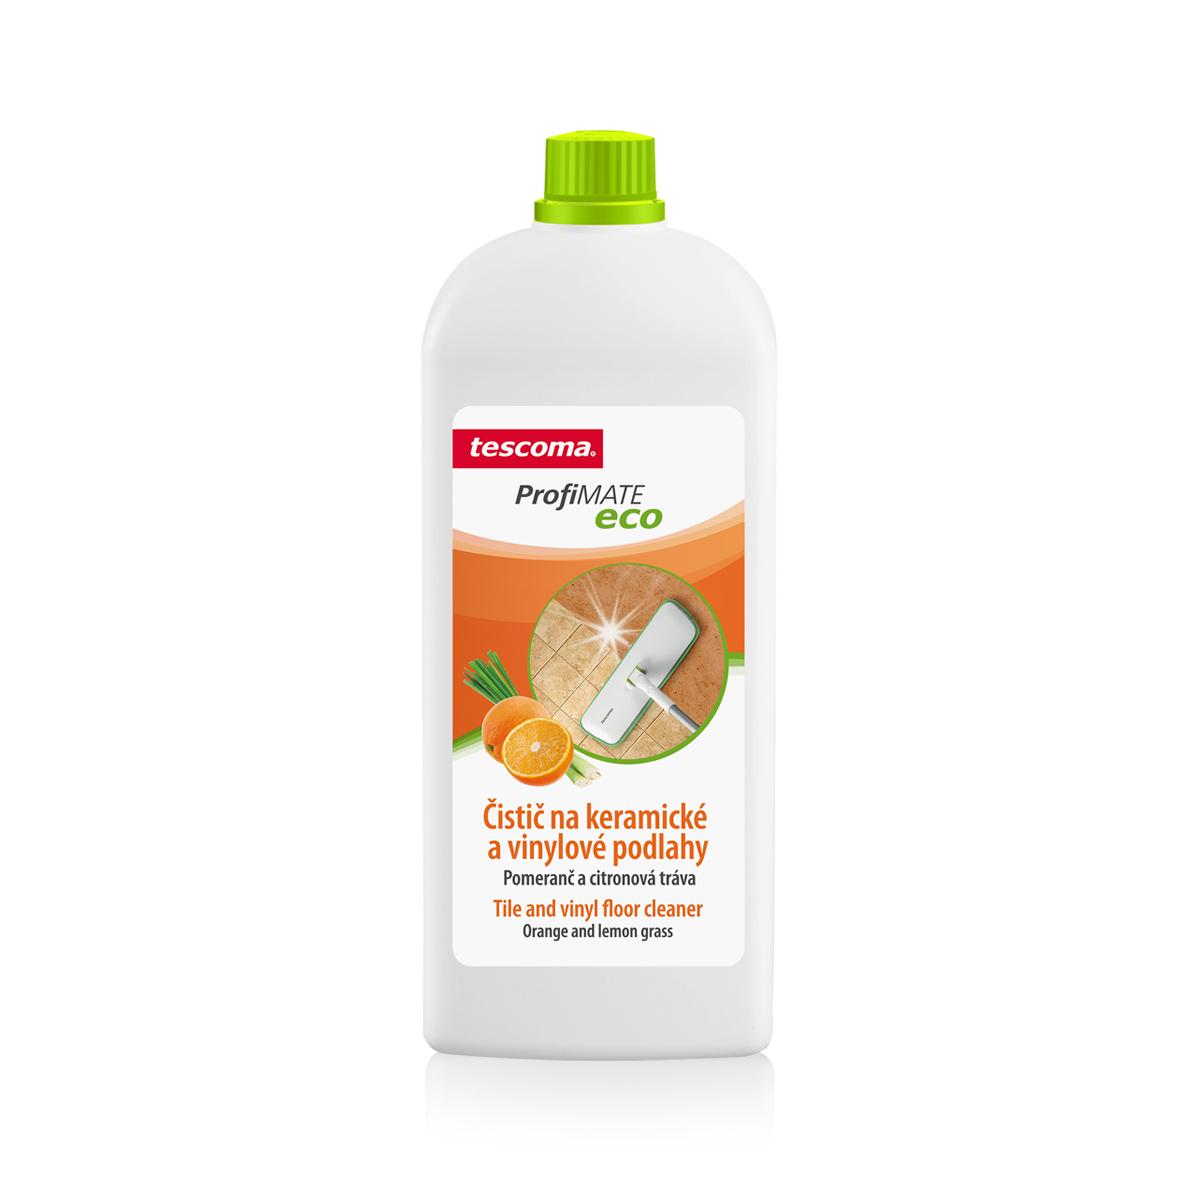 Čistič na keramické a vinylové podlahy ProfiMATE 1000 ml, Pomeranč a citronová tráva